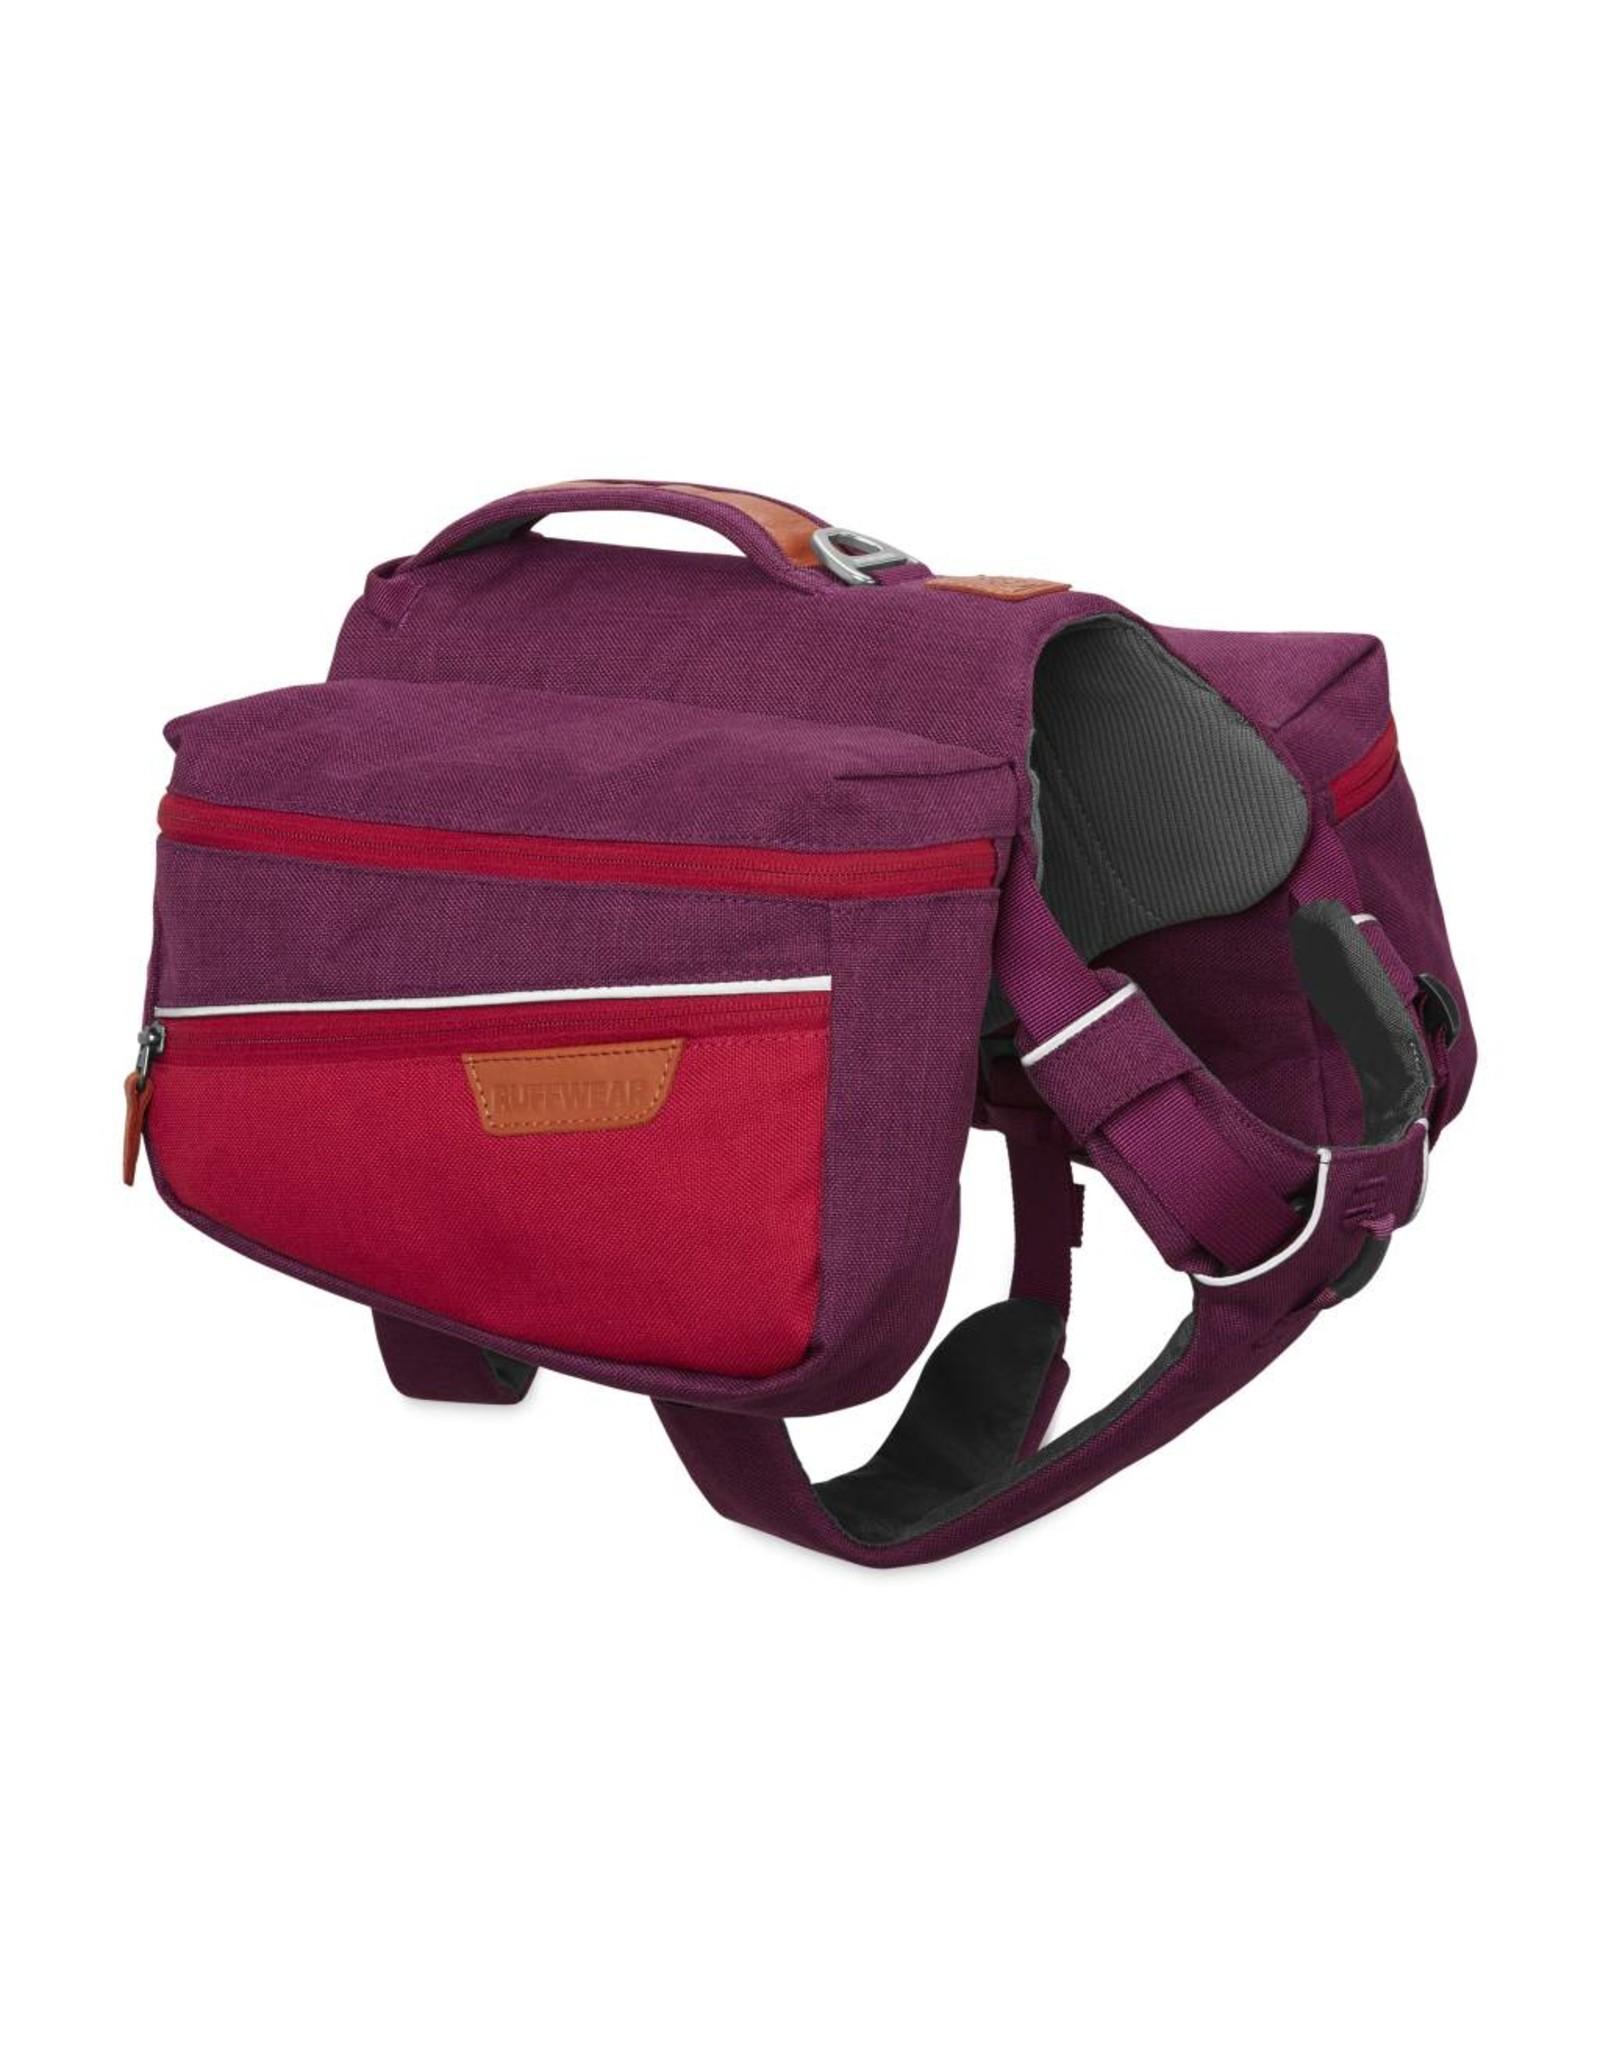 Ruffwear Commuter™ Pack